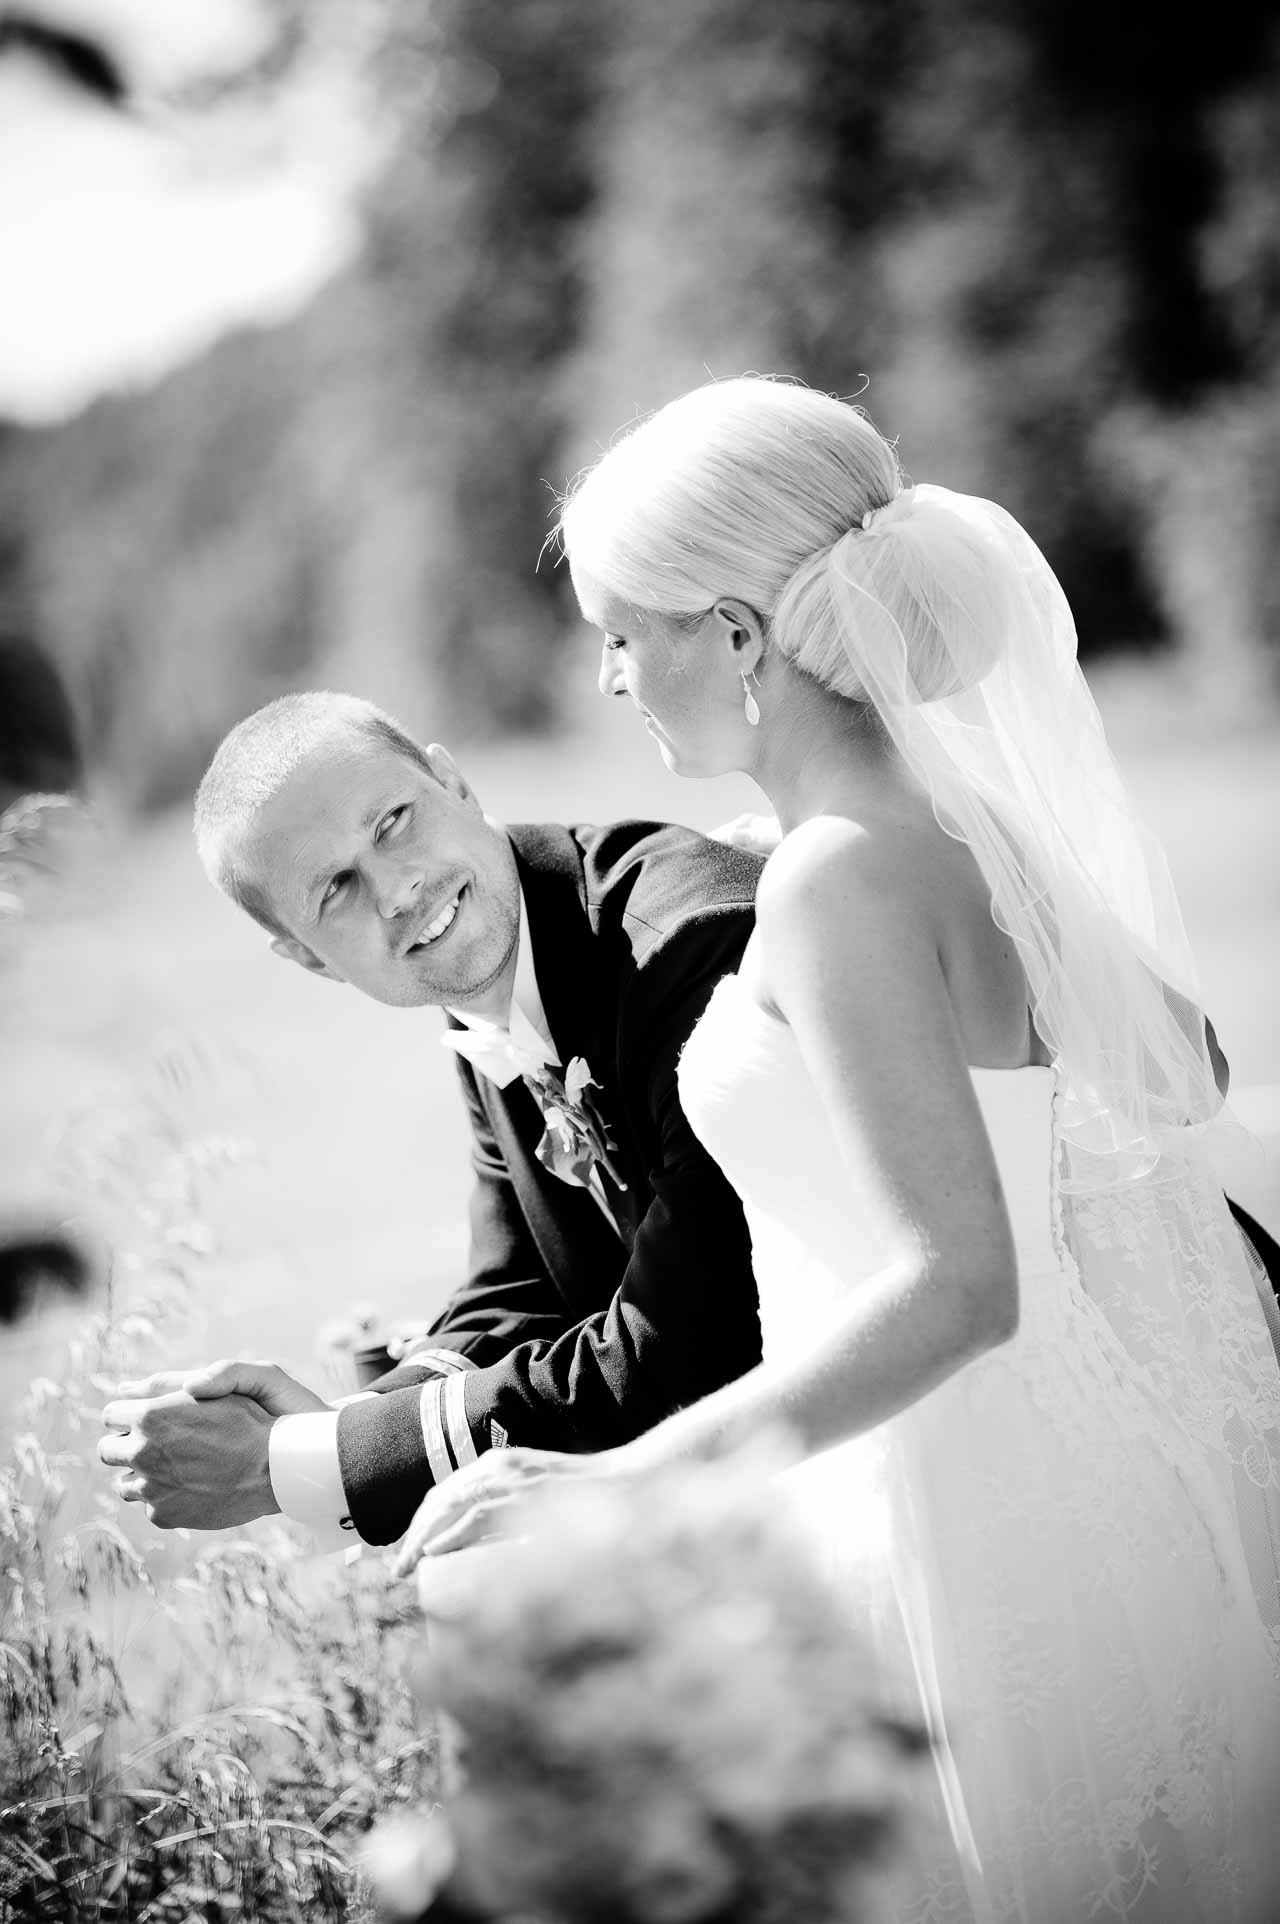 Over 100 bryllupper og de bedste anmeldelser, er jeres garanti for kvalitets minder, og en rigtig god oplevelse, mens vi fotograferer alle de stemningsfyldte øjeblikke.